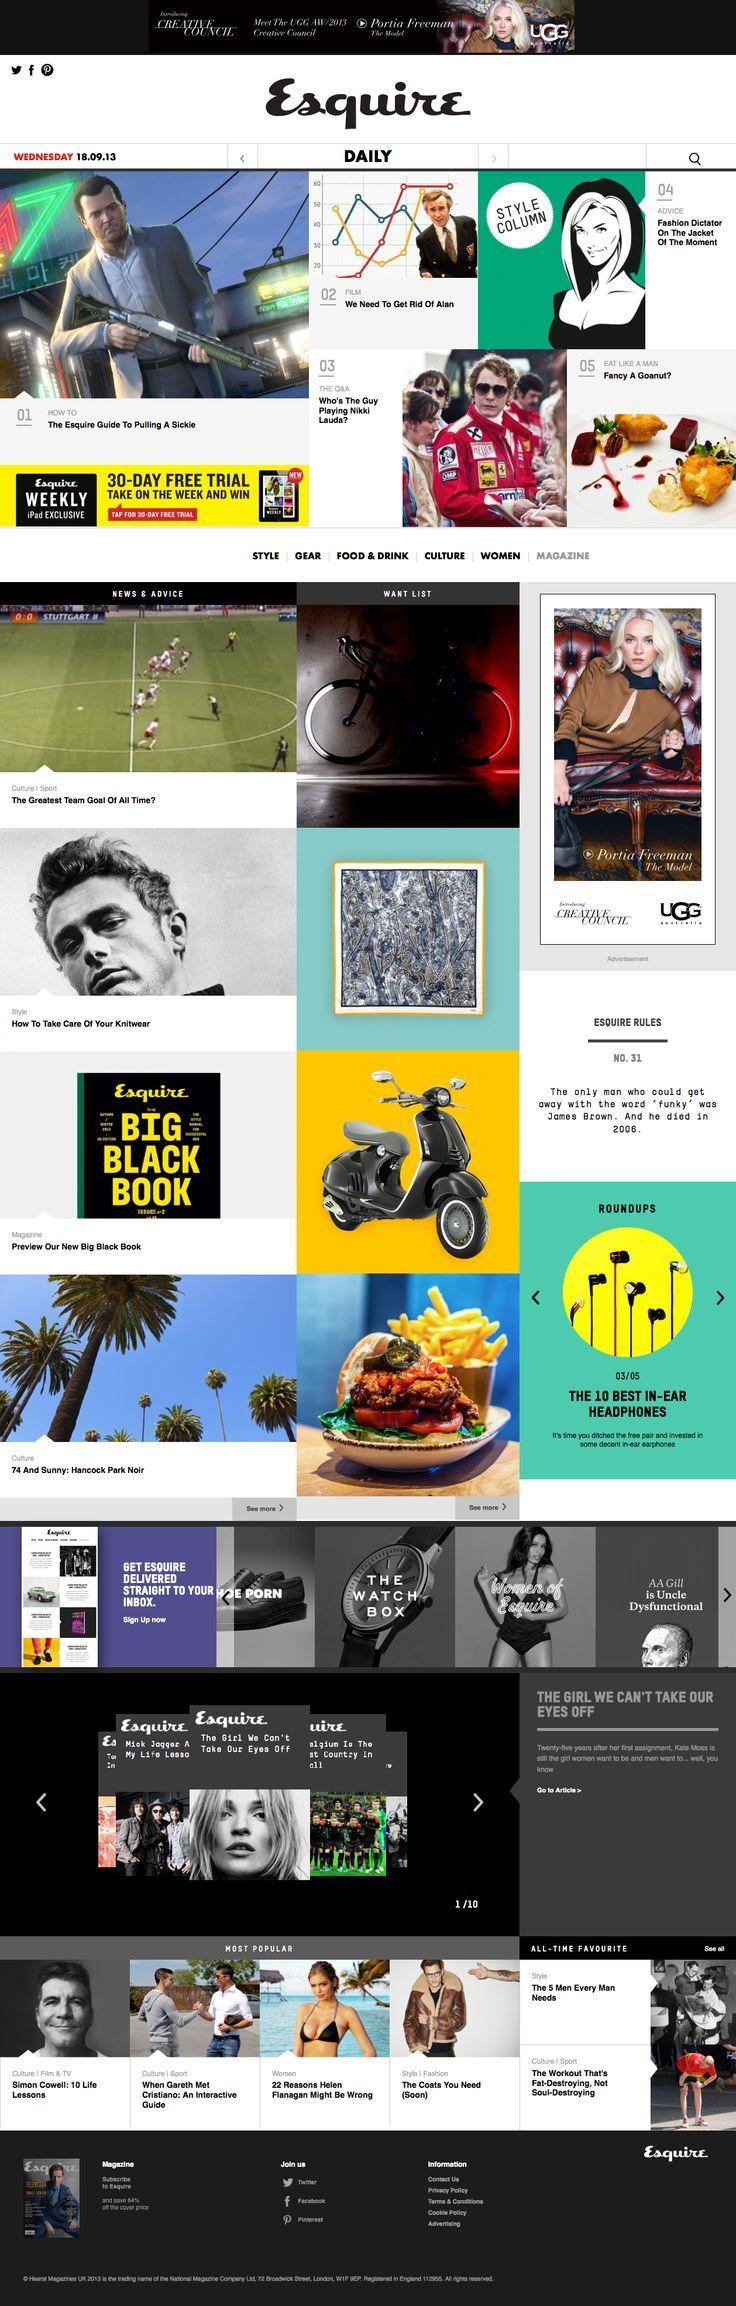 Webdesign Schweiz | Jetzt kostenlose Offerte anfordern http://www.swisswebwork.ch ...